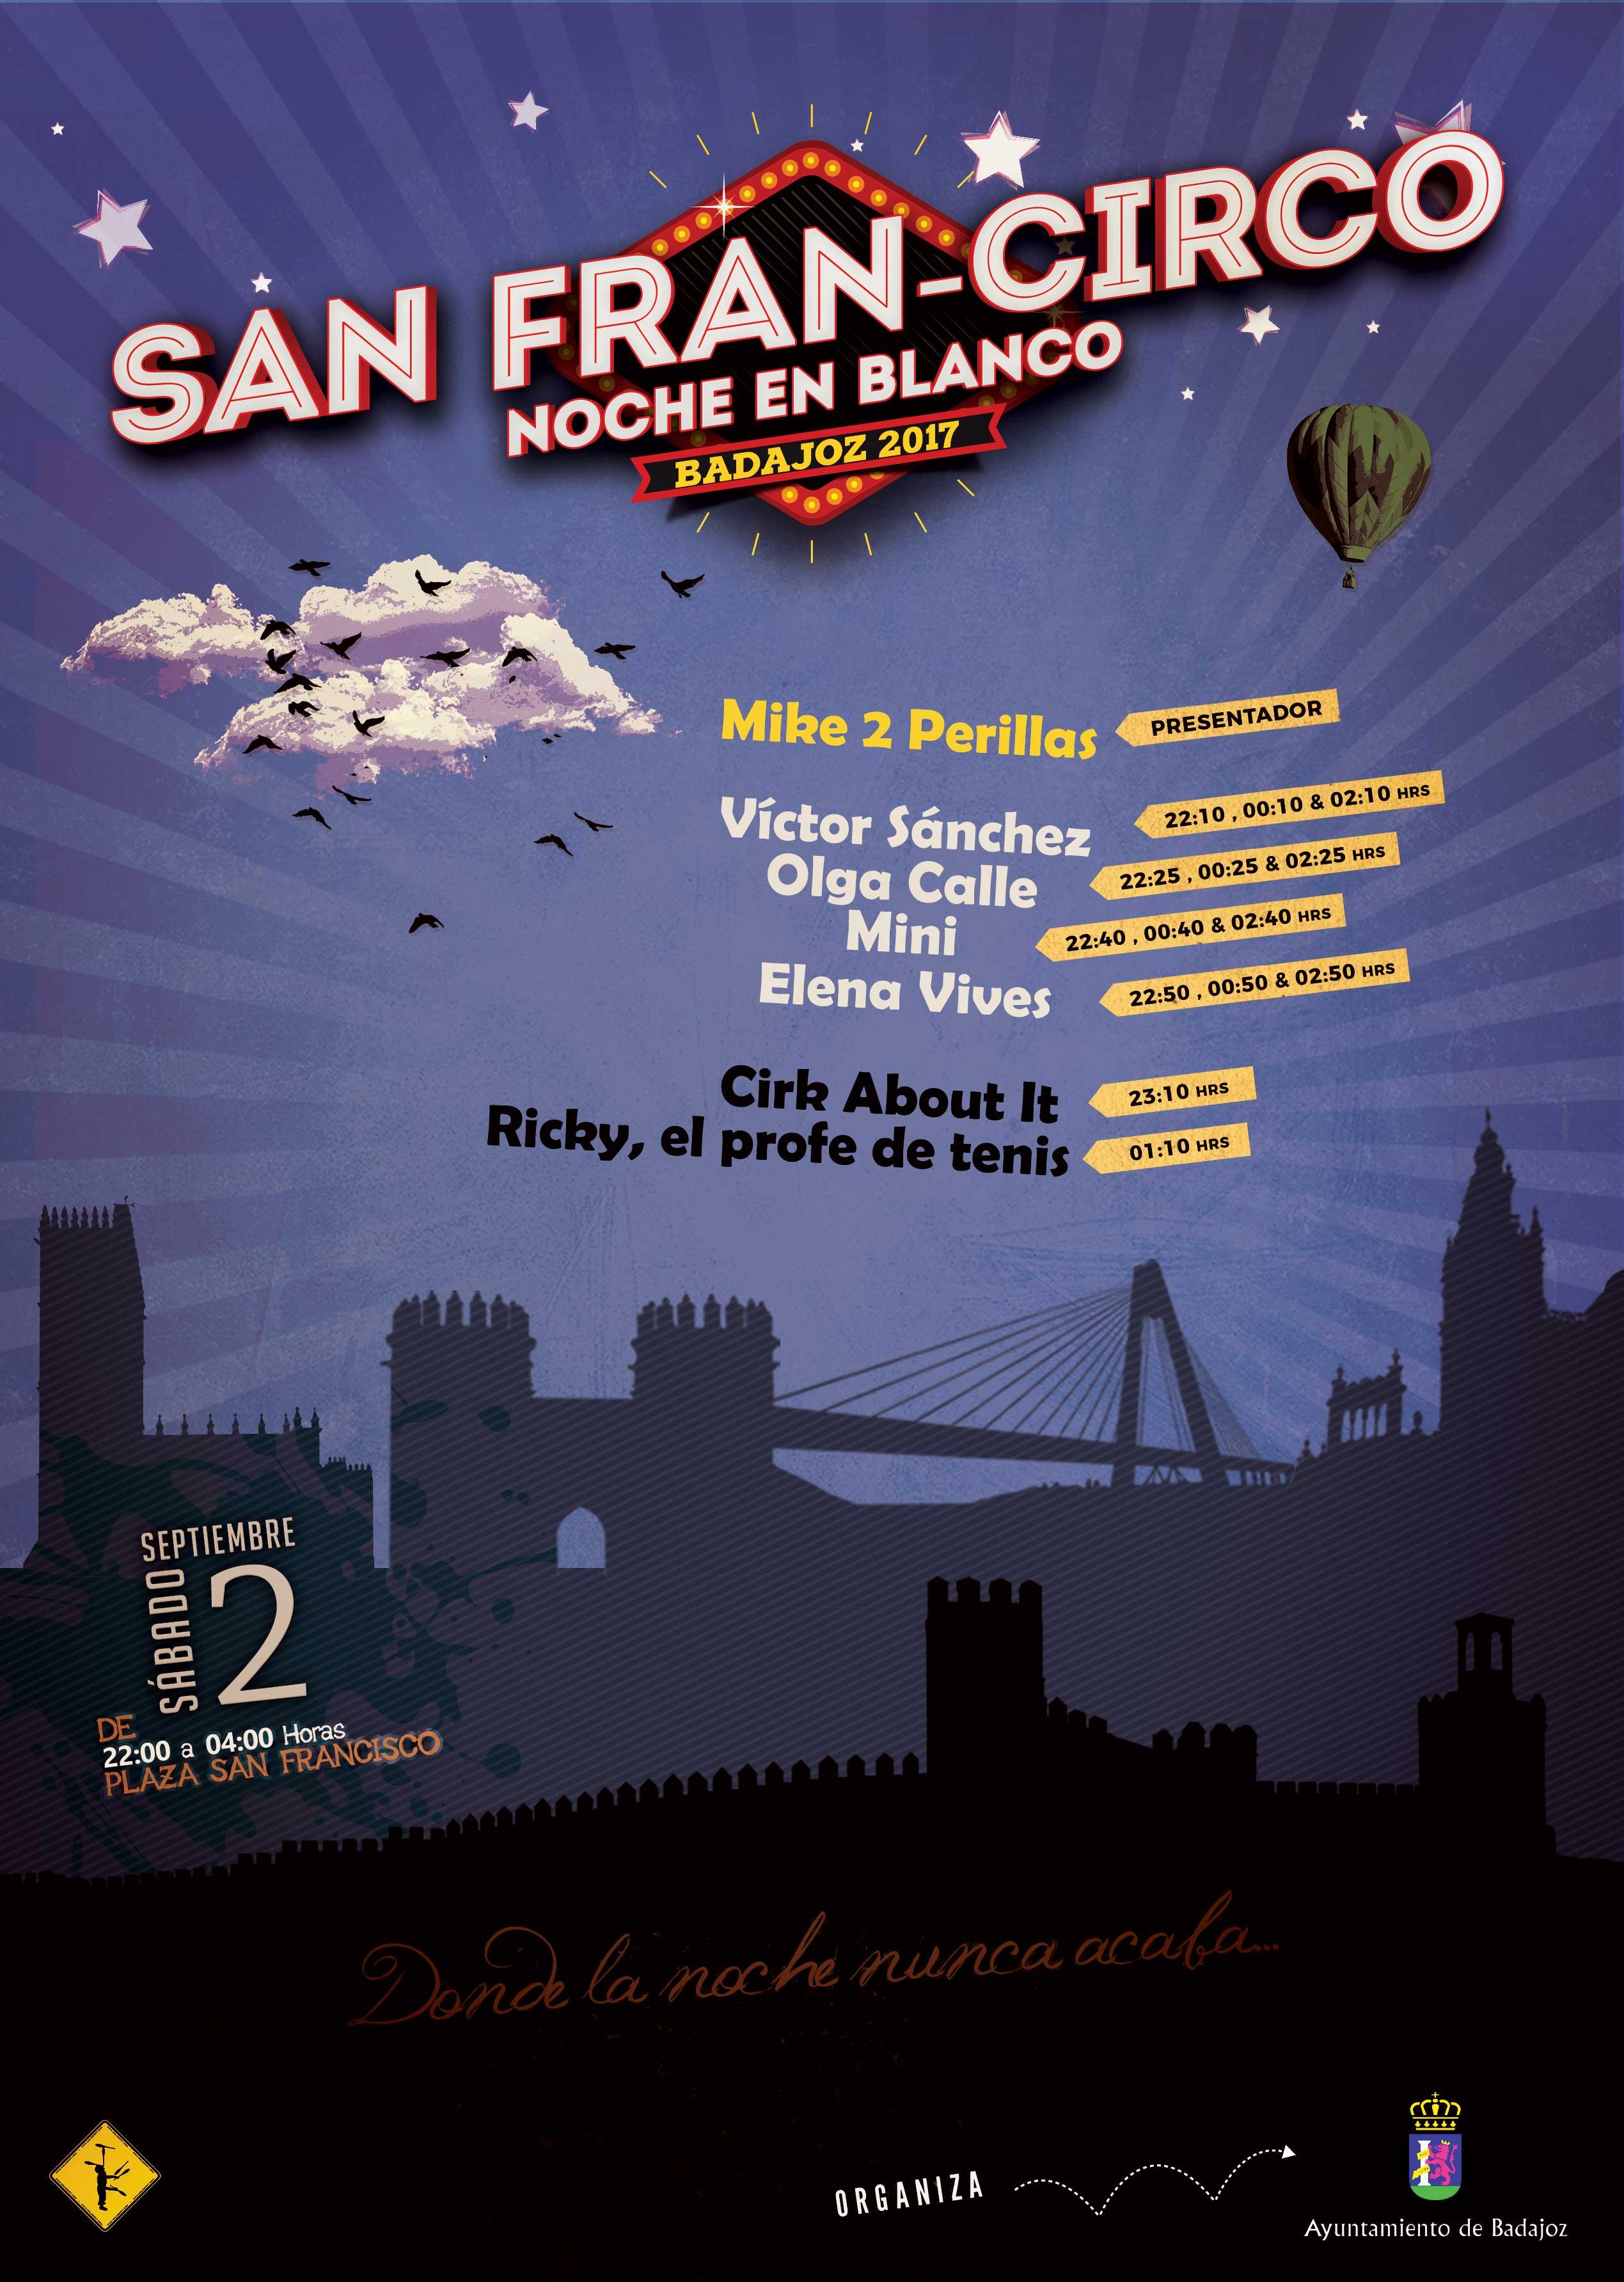 San Fran-Circo en la Noche en Blanco de Badajoz